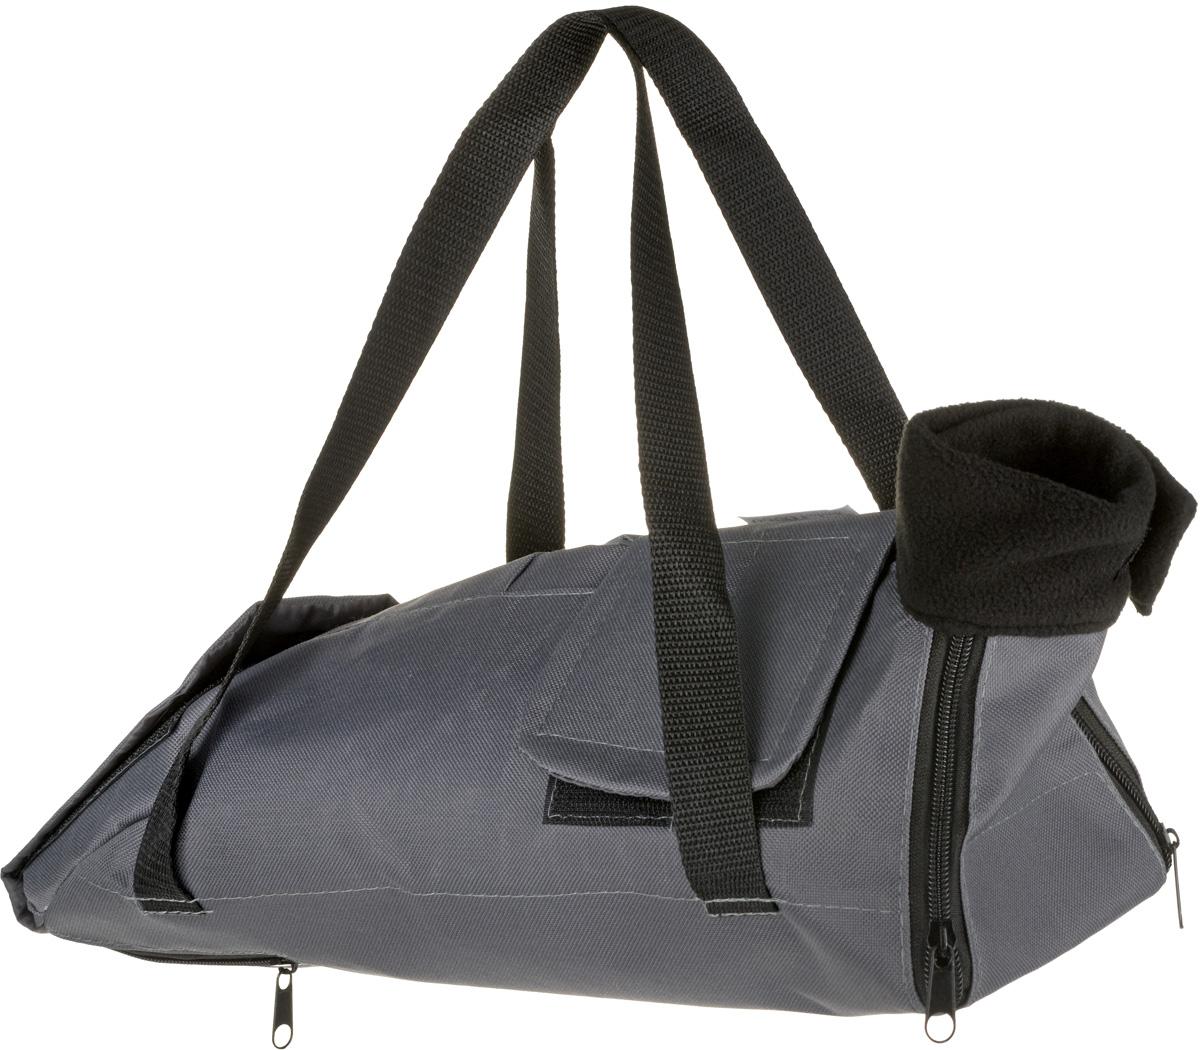 Сумка-фиксатор для кошек OSSO Fashion, цвет: серый. Размер S платье женское f5 цвет серый синий 271014 grey check 2 размер s 44